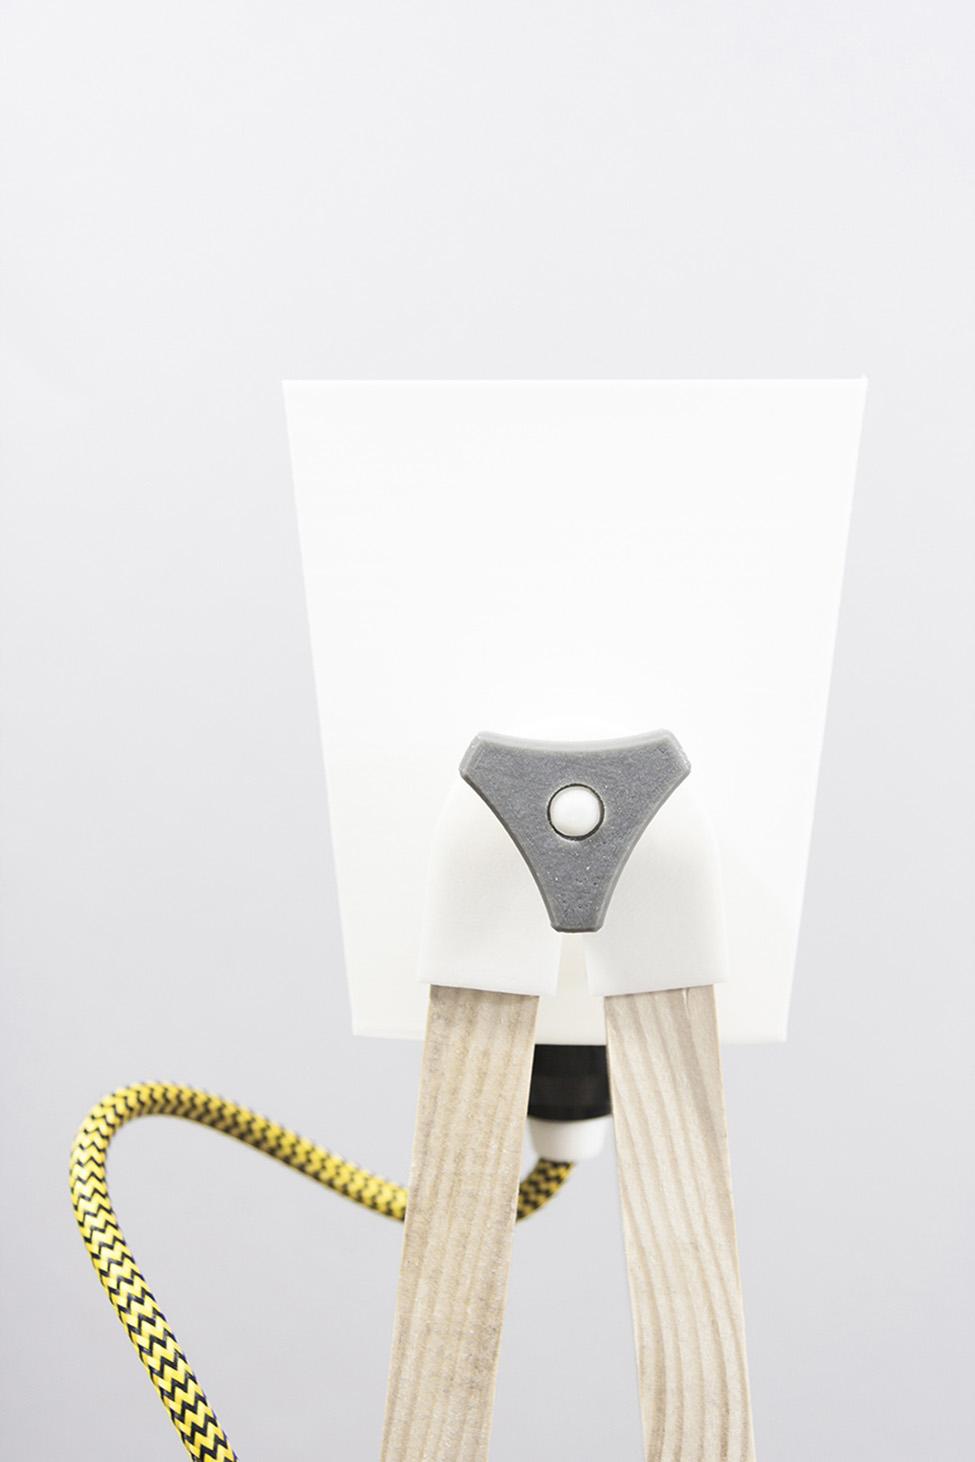 UAU, lampa SMF.01 z kolekcji Self Made Furniture, fot. dzięki uprzejmości artystów